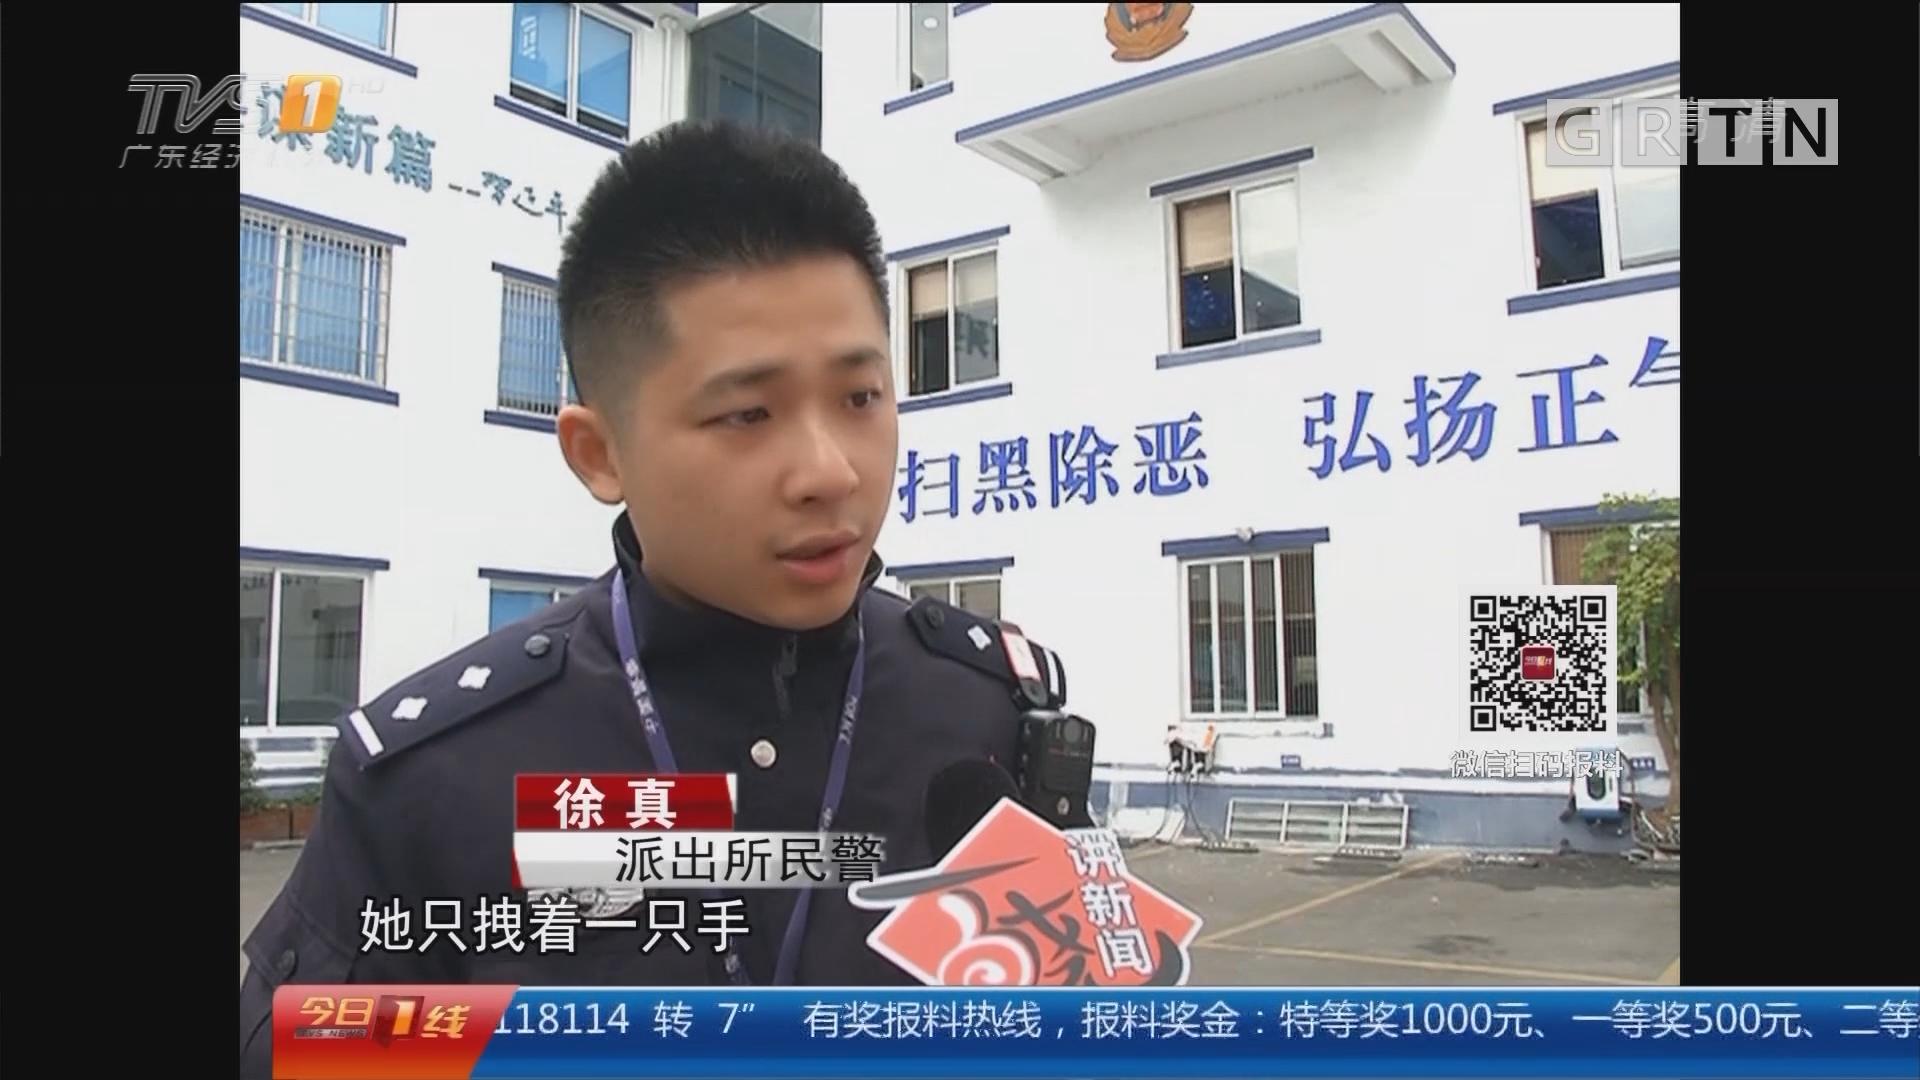 浙江温州:保姆翻窗救娃遇险 街坊民警齐施救